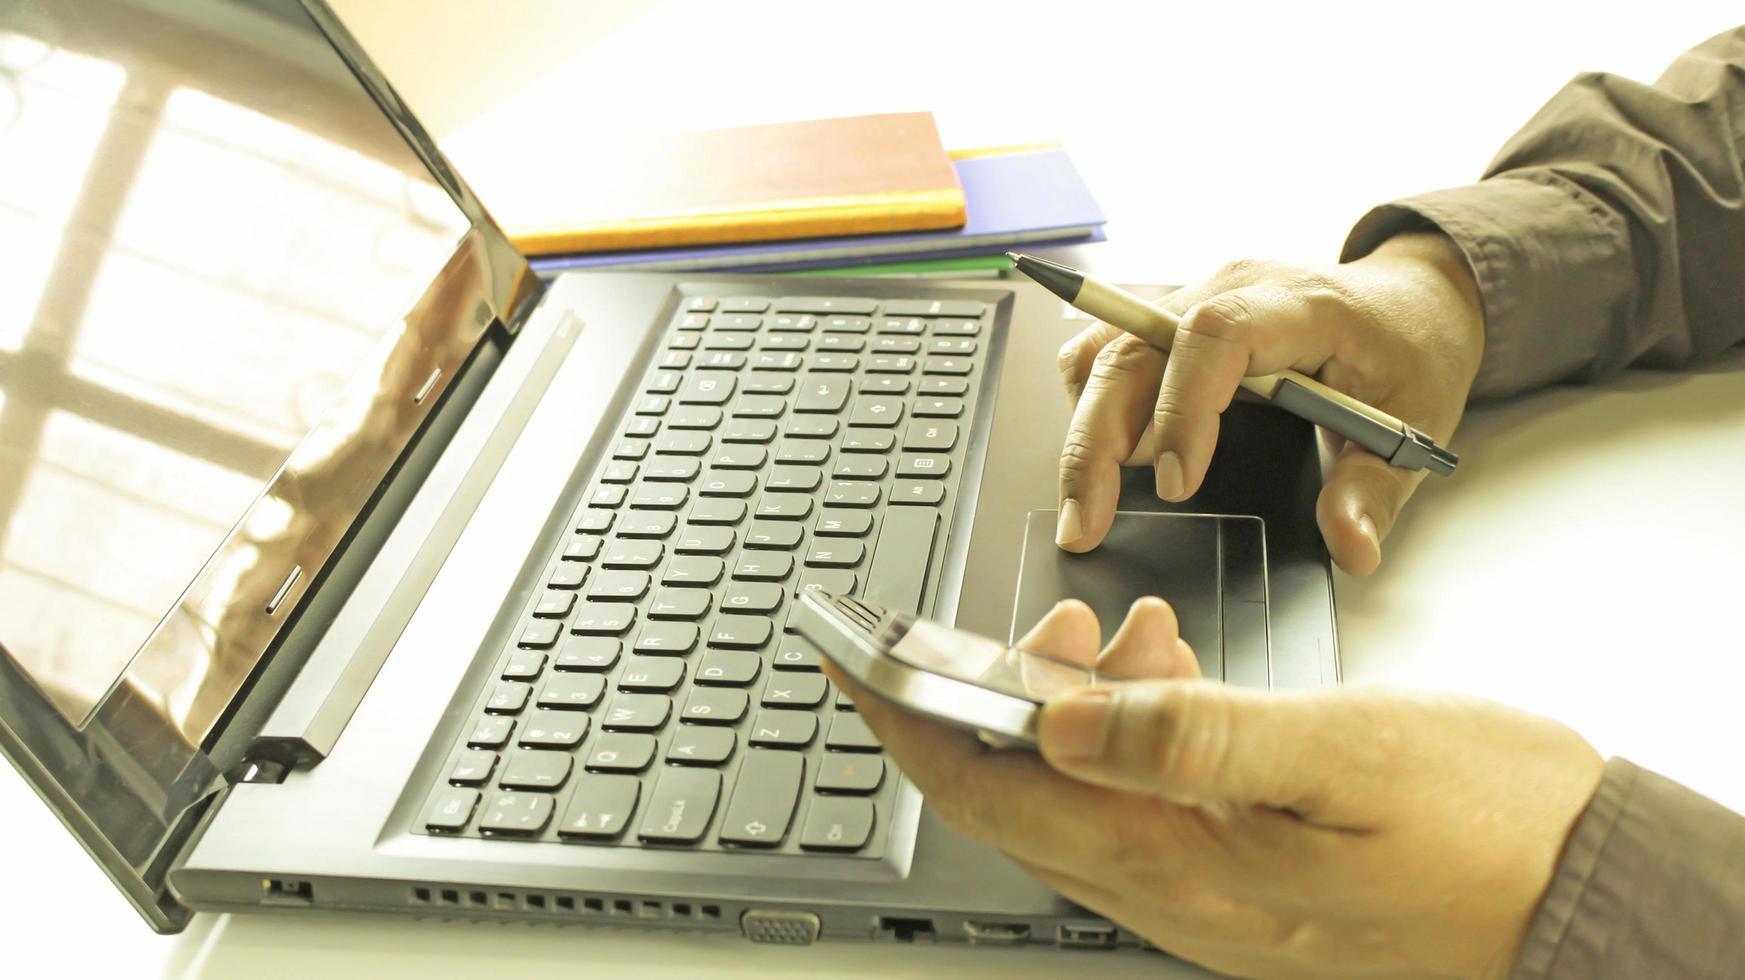 professionista che lavora su laptop e telefono foto